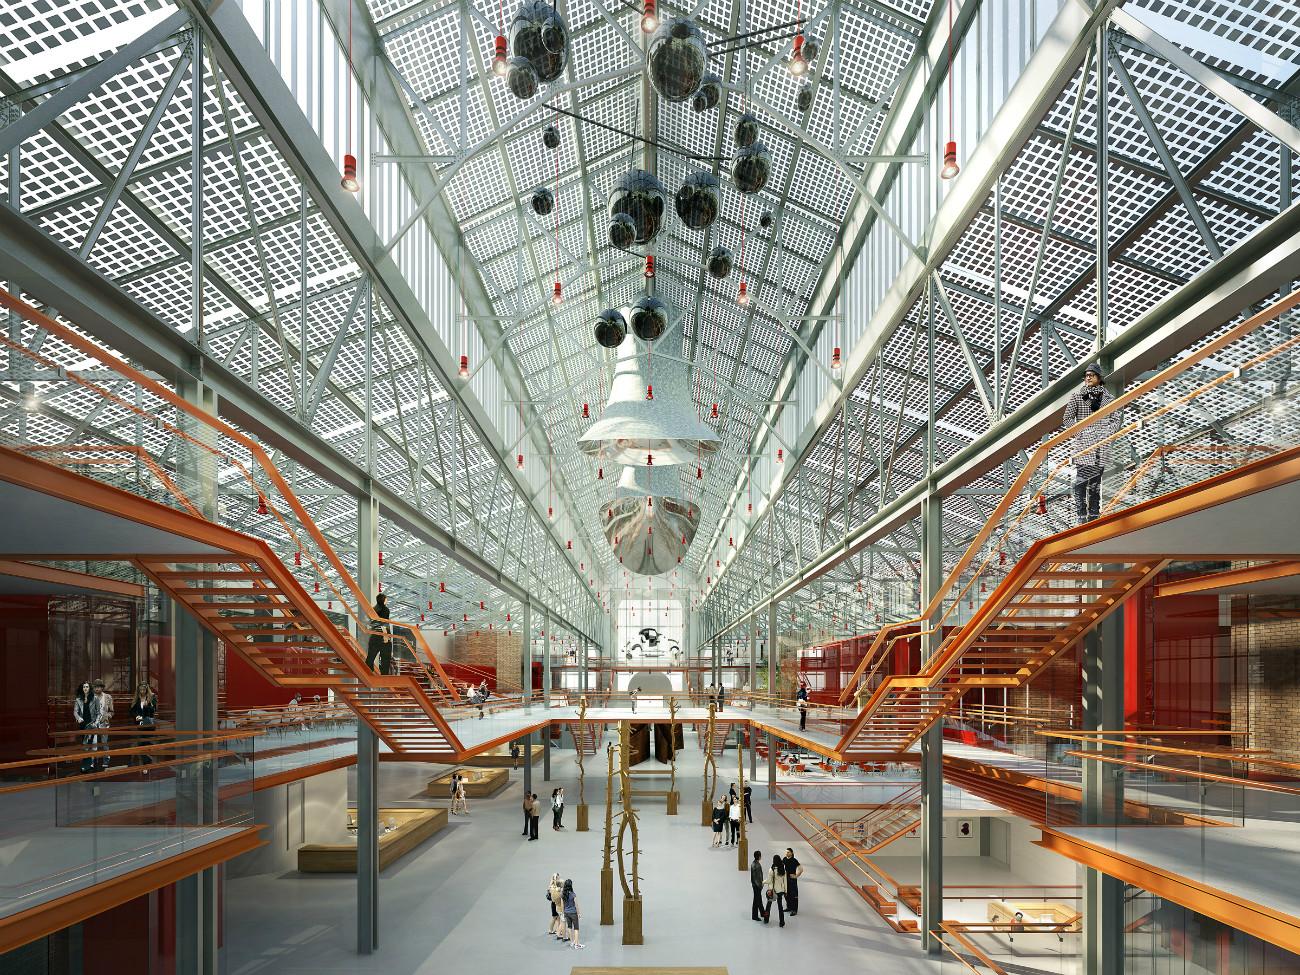 L'ex centrale elettrica di Mosca riconvertita in centro artistico su progetto di Renzo Piano